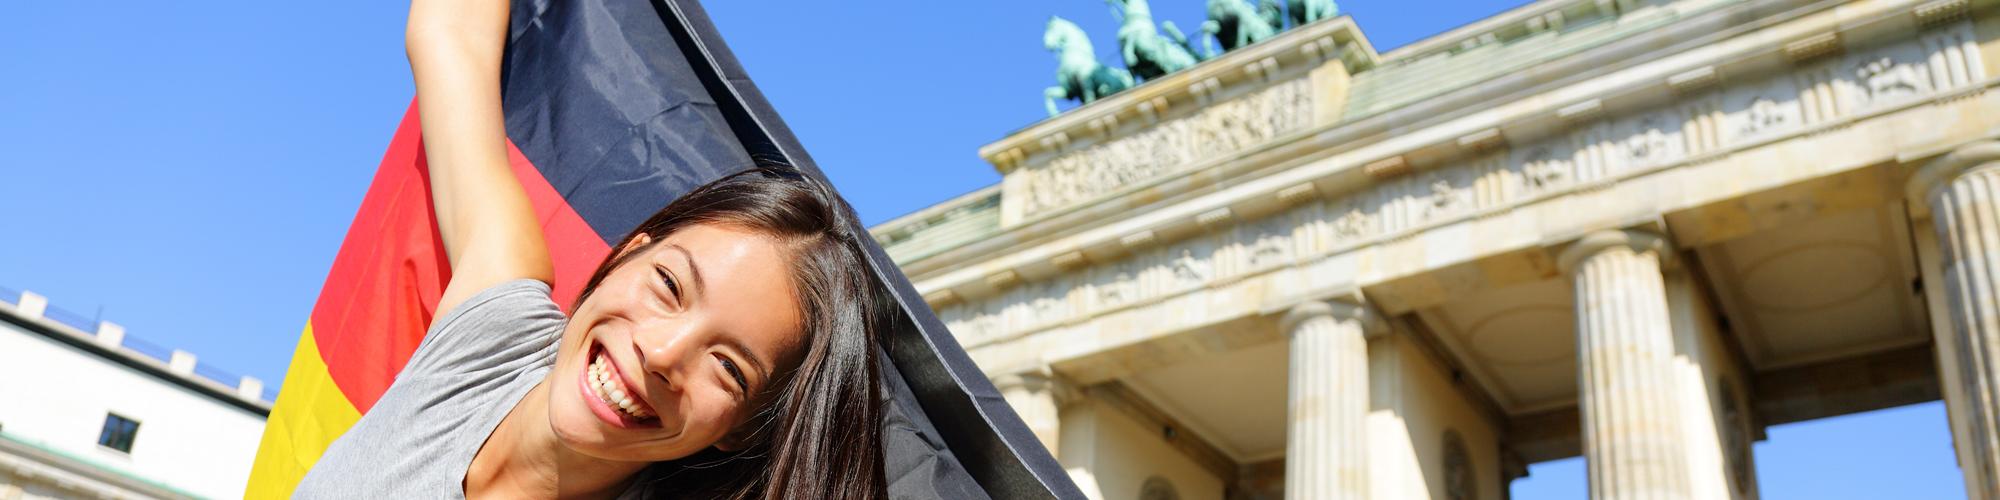 подготовка к экзаменам по немецкому языку в германии Telc немецкий